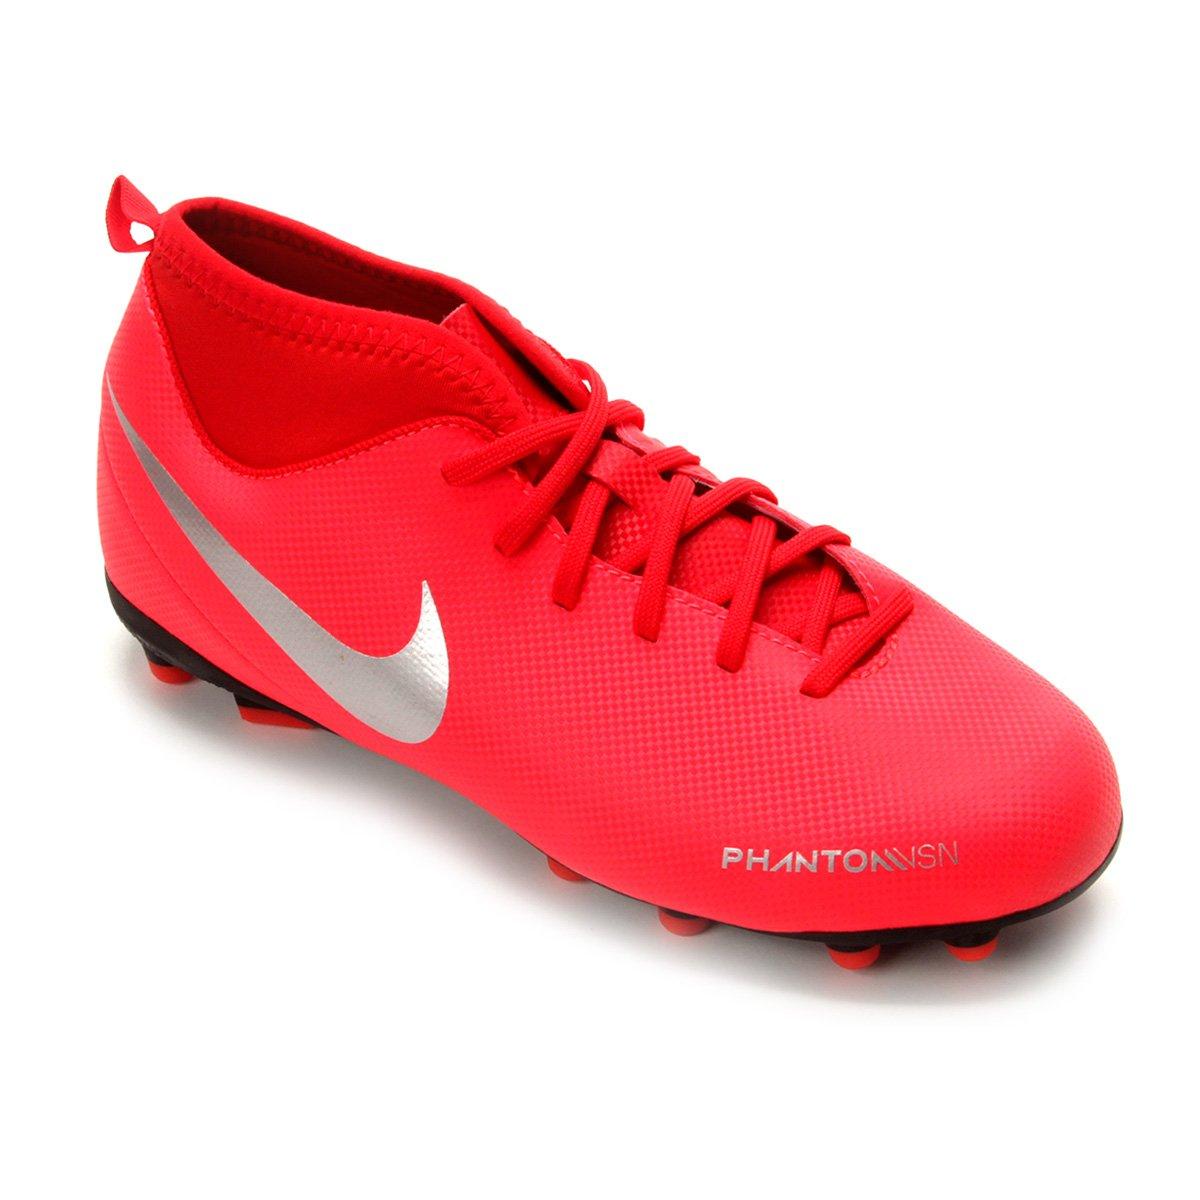 d0f6b80b4c Chuteira Campo Infantil Nike Phantom Vision Club DF FG - Vermelho e ...